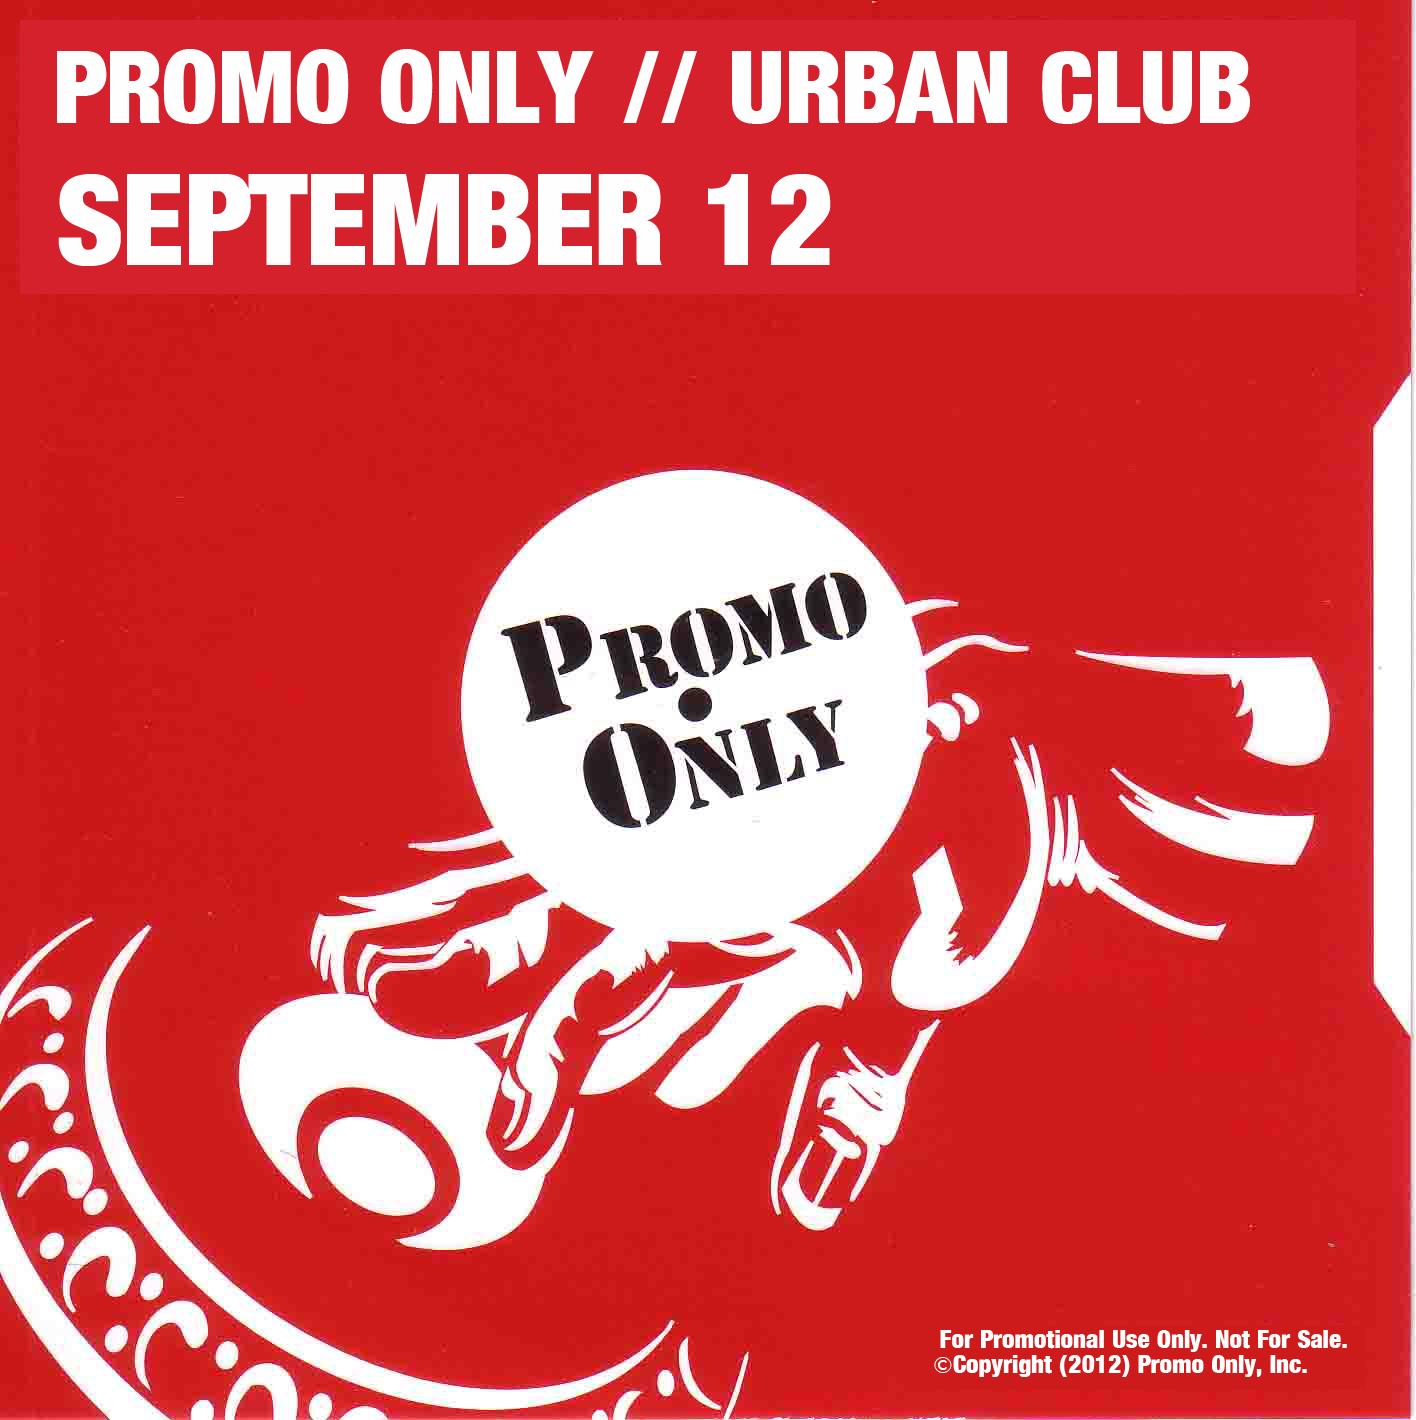 http://2.bp.blogspot.com/-fFdbEHvekiw/UT9uVZrWzgI/AAAAAAAAQmo/-V7LzvOtJi8/s1600/000-va-promo_only_urban_club_september-2cd-2012.jpg